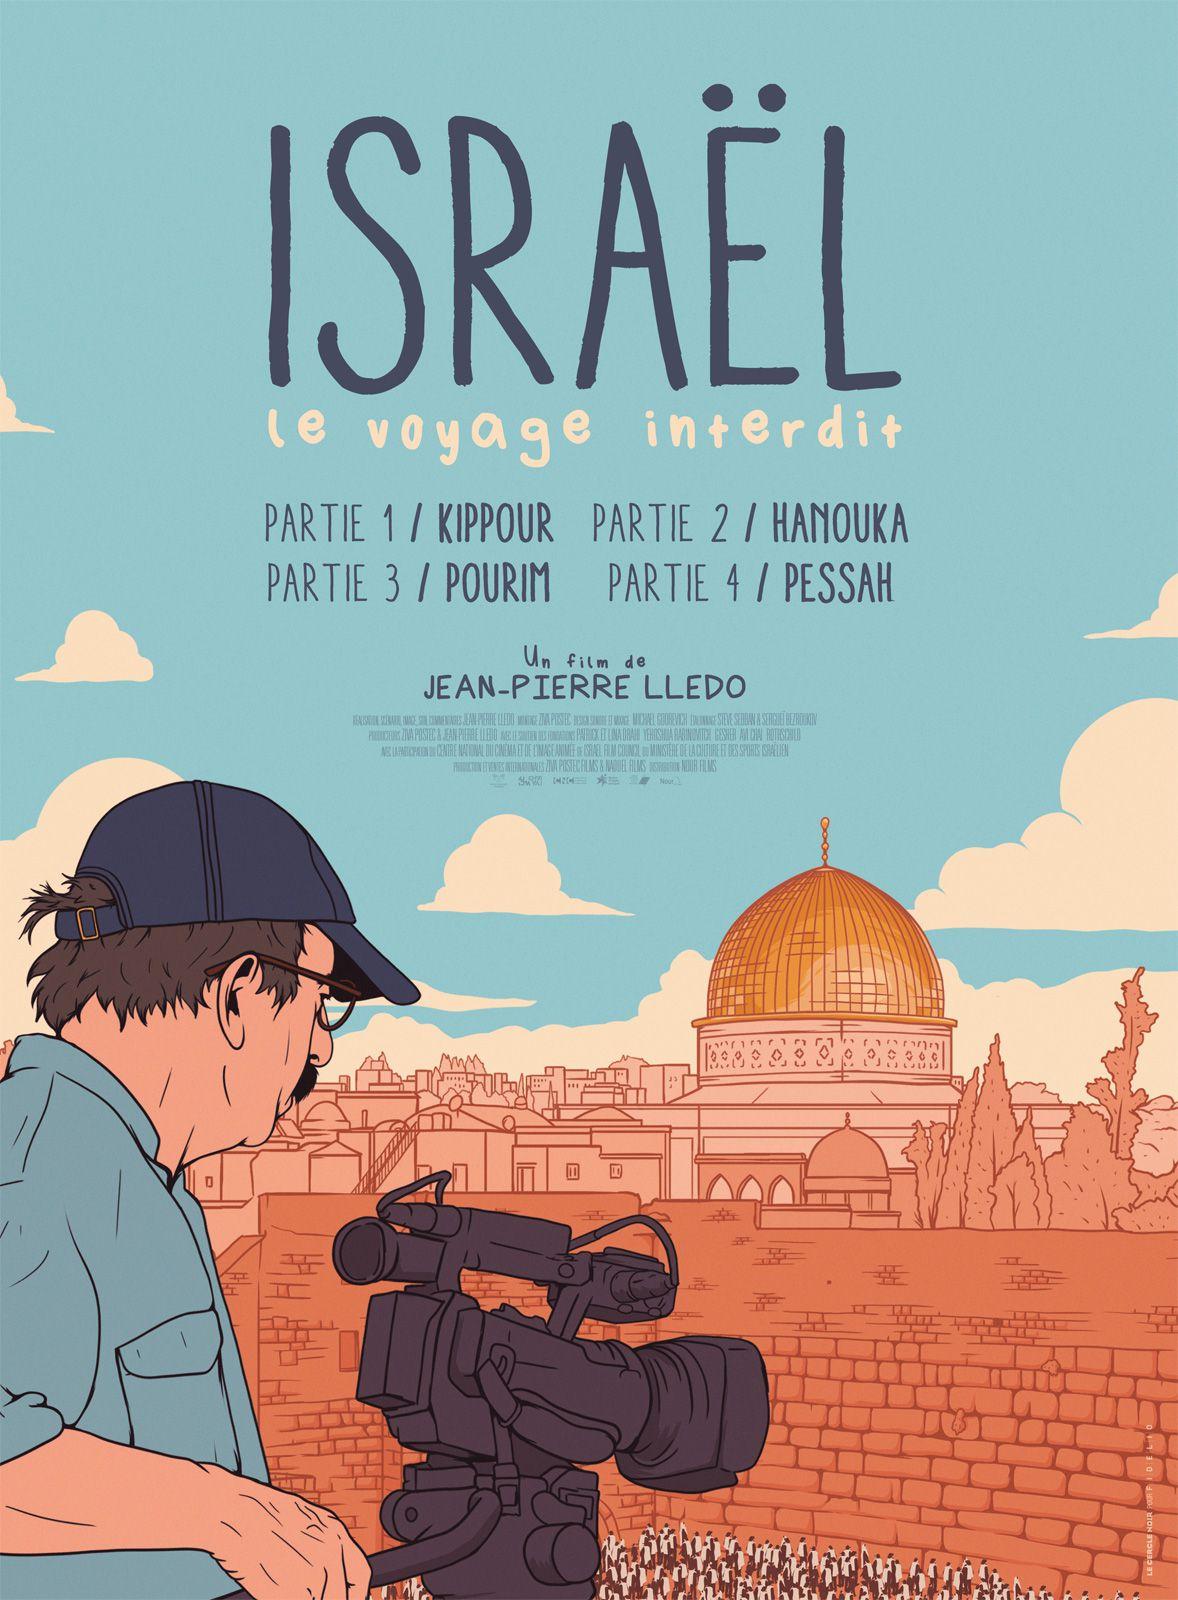 Israël, le voyage interdit - Partie IV : Pessah - Documentaire (2020)